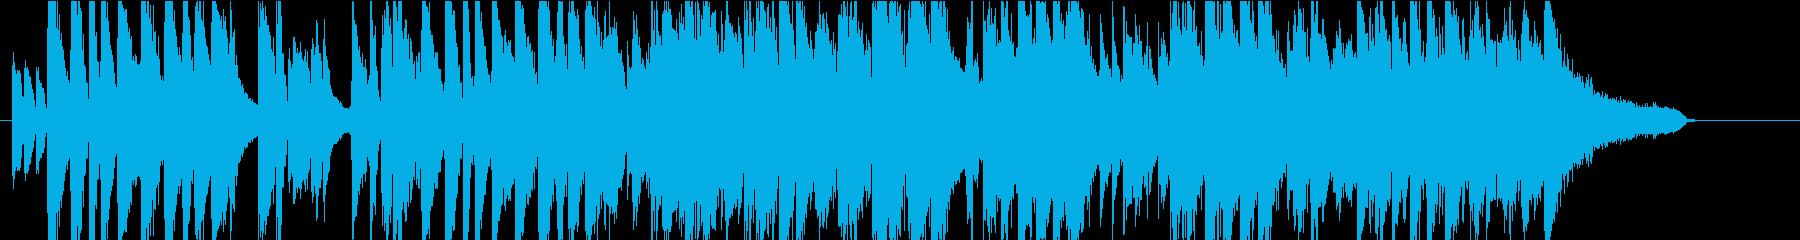 明くて軽快なジャズ・デュエットの再生済みの波形